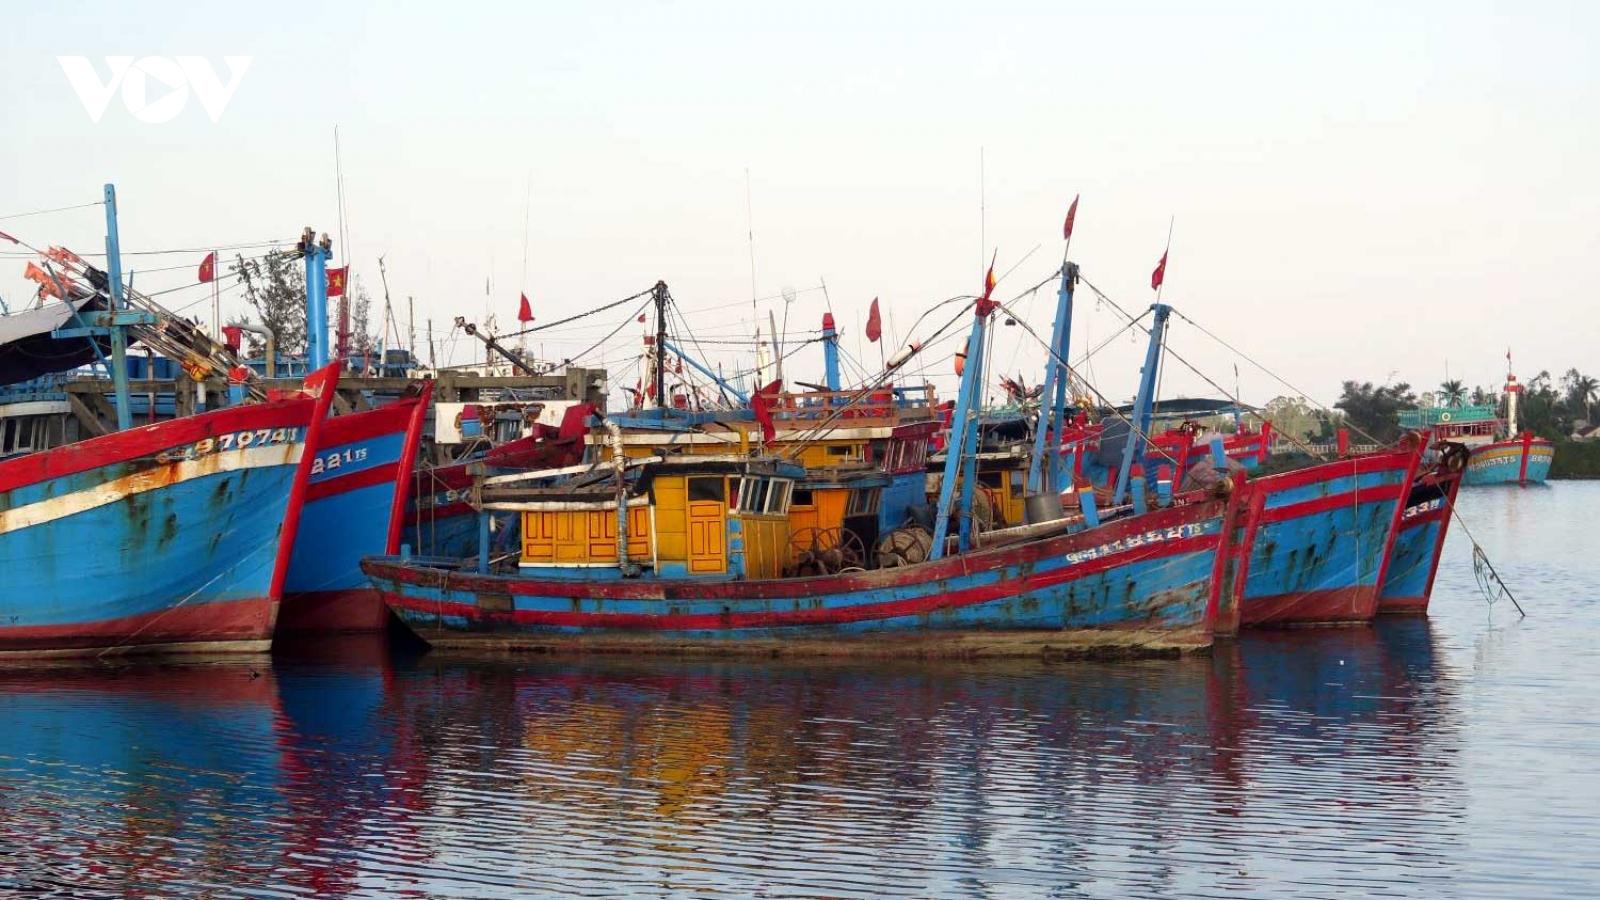 Nan giải bài toán lao động nghề biển ở Quảng Ngãi